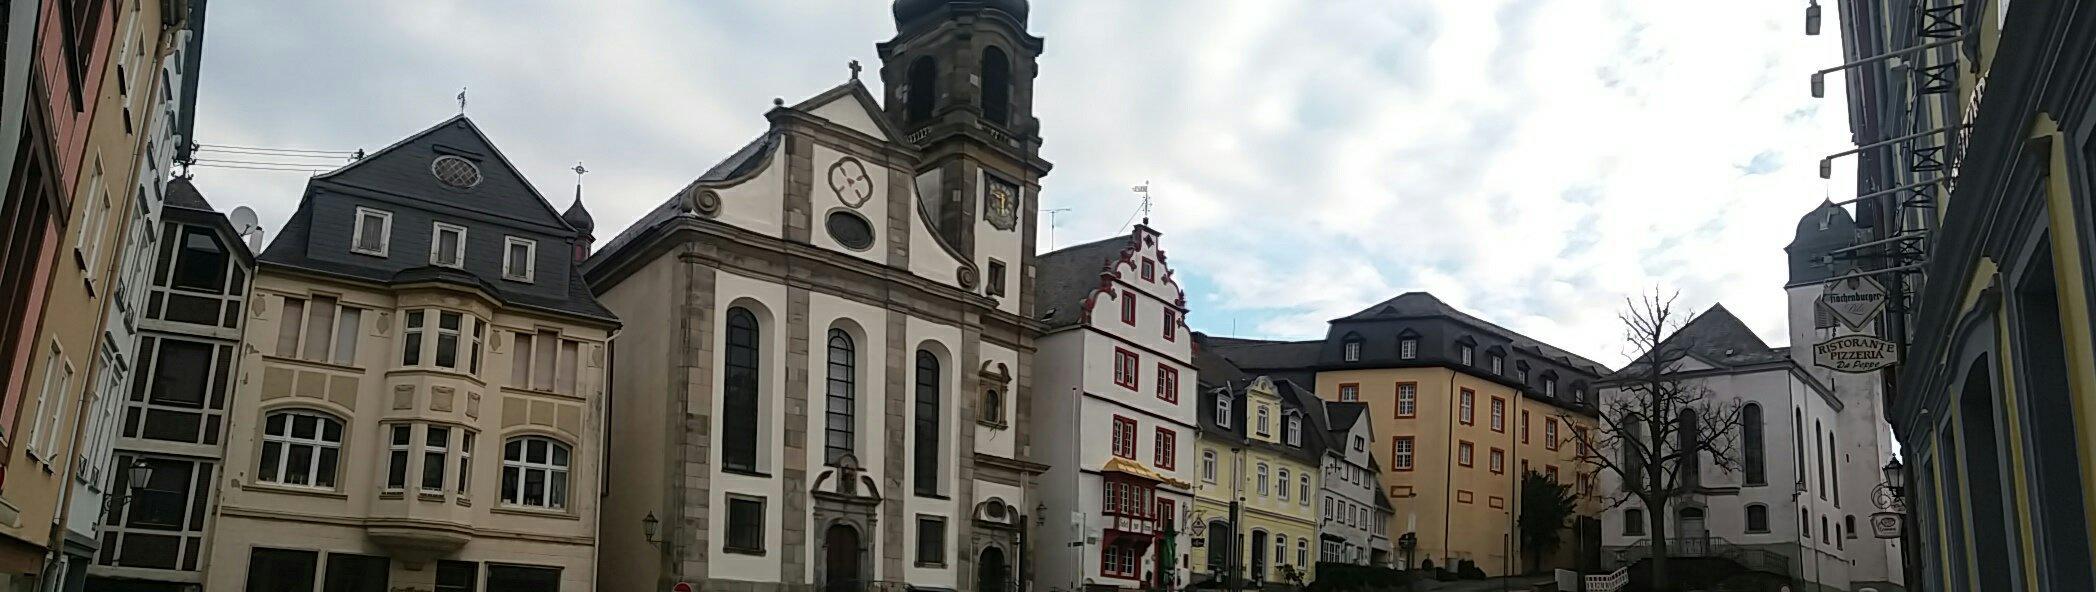 Video Ficken Hachenburg(Rhineland-Palatinate)